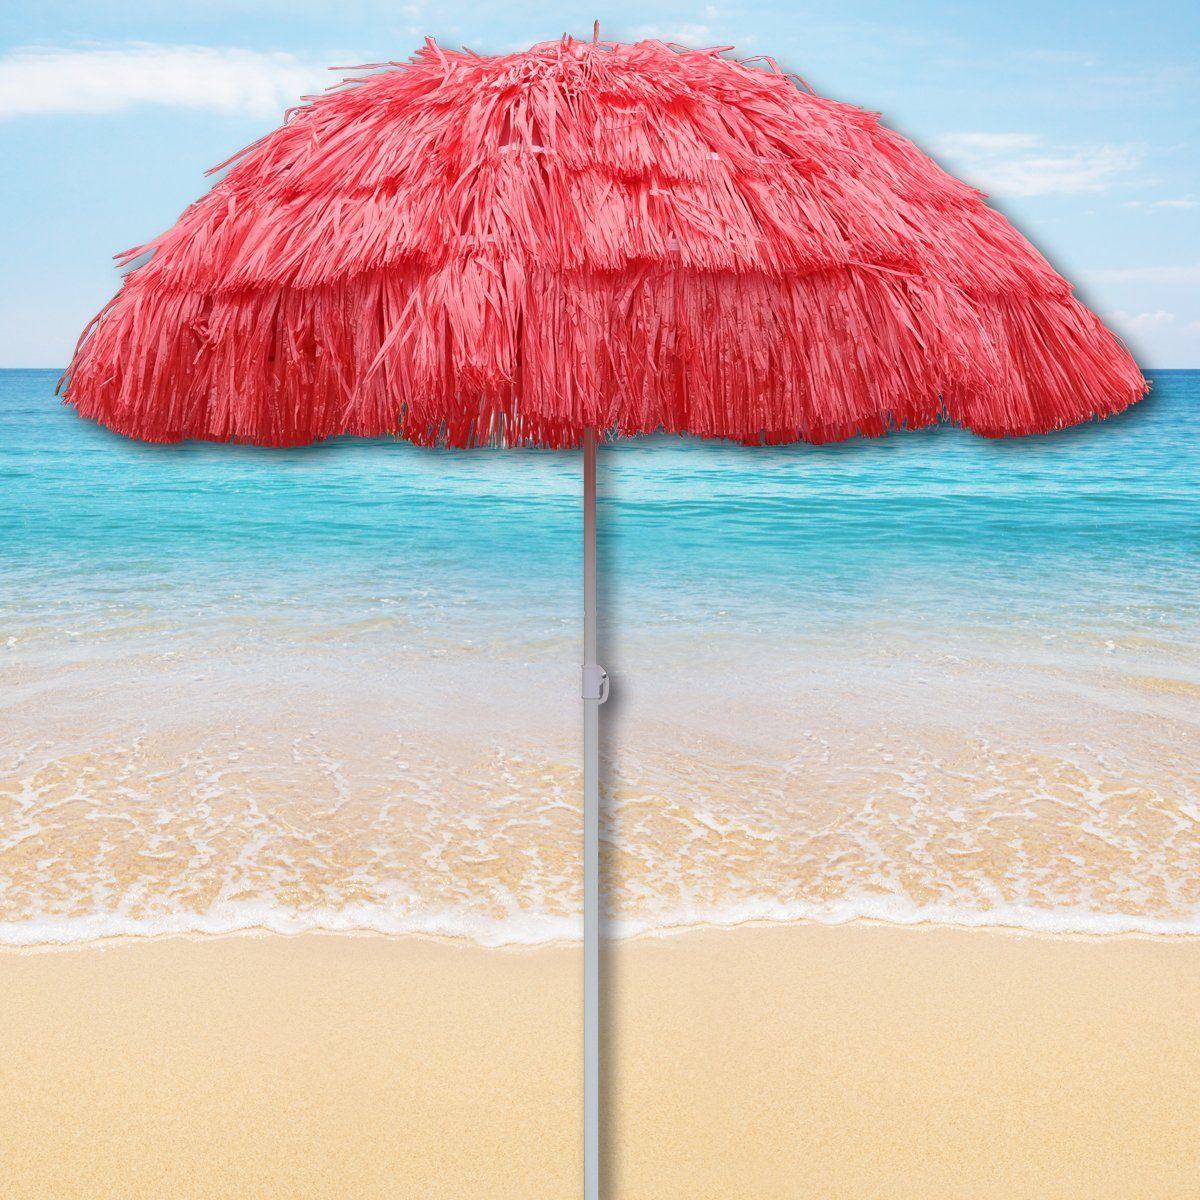 Red Outdoor Garden Hawaiian Parasol Beach Umbrella Tilting